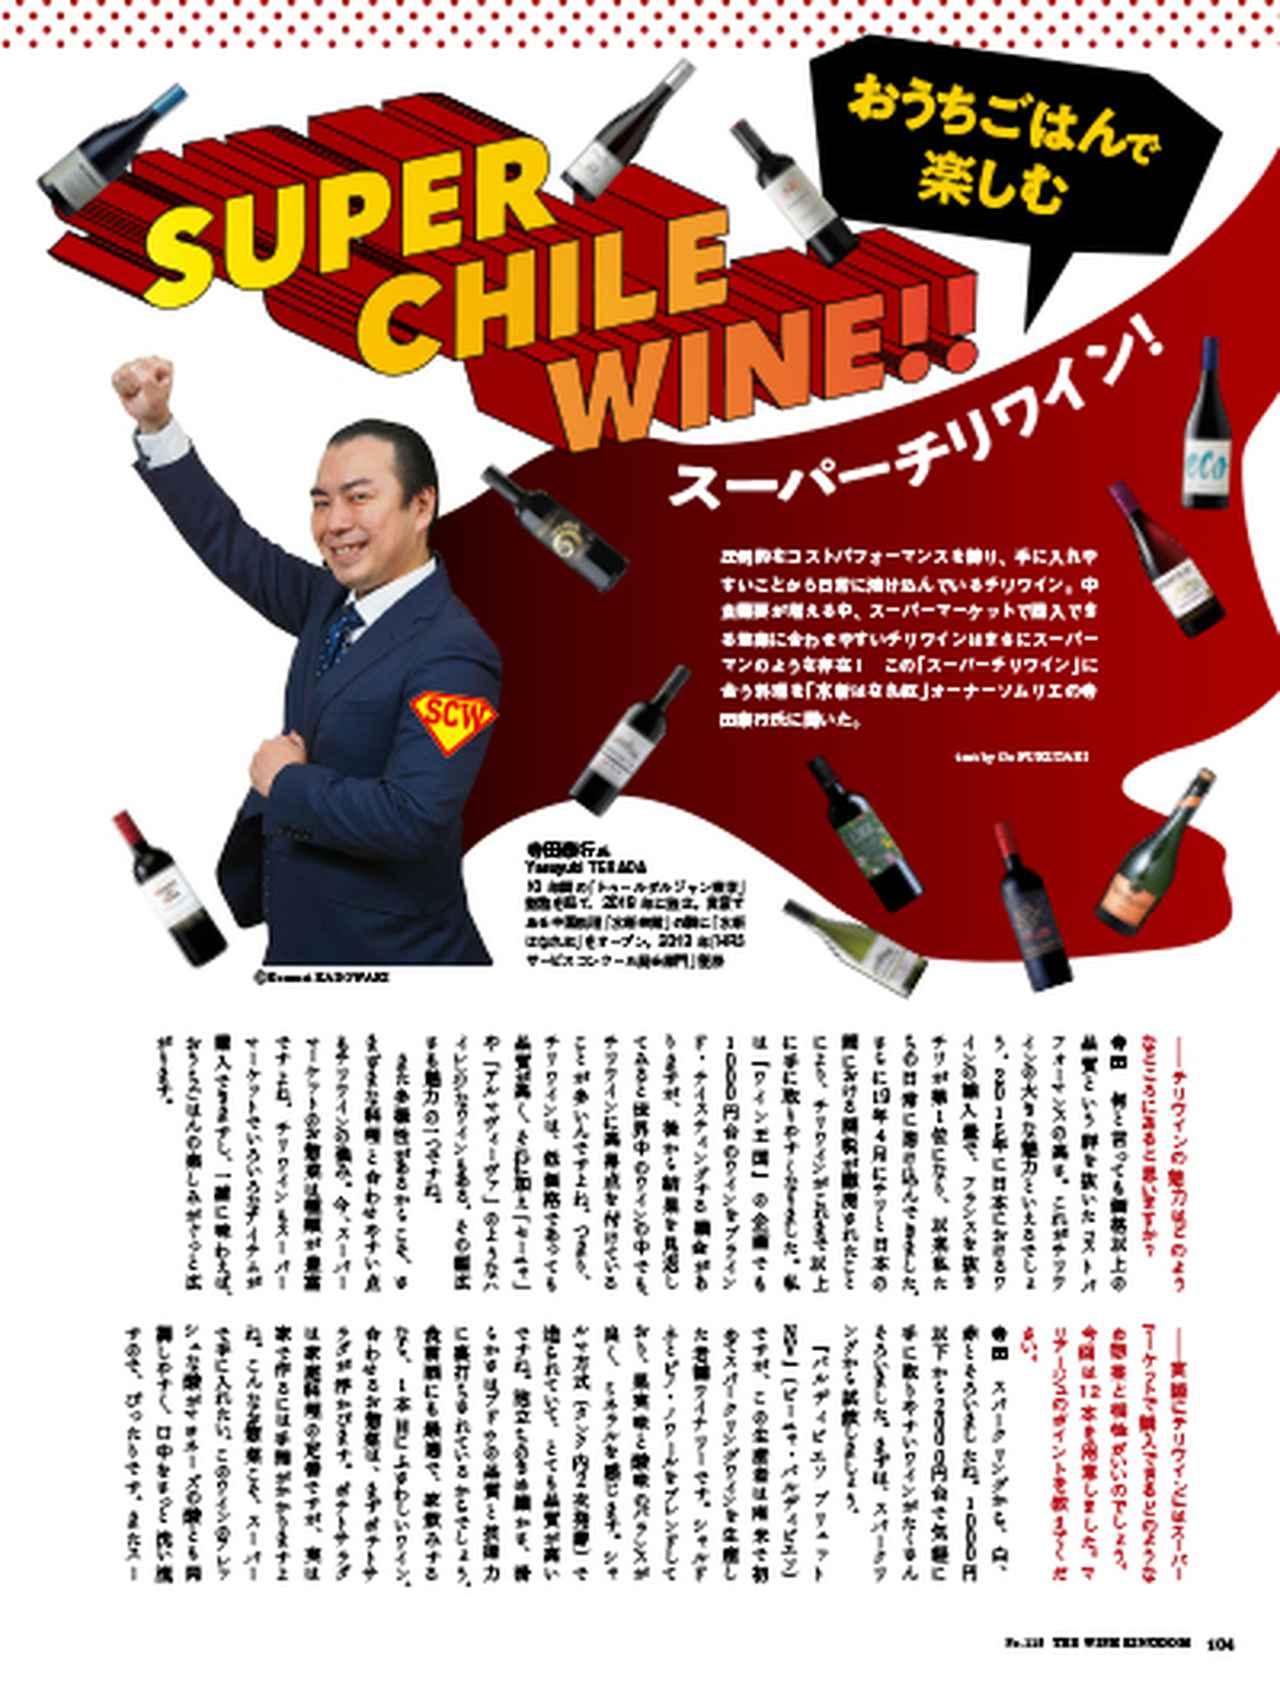 画像7: 『ワイン王国 119号』銘醸が造る ちょっと贅沢なおうち飲みブルゴーニュ/日本ワインをとことん楽しむ!/ワイン好きにぜひ飲んでいただきたい日本酒